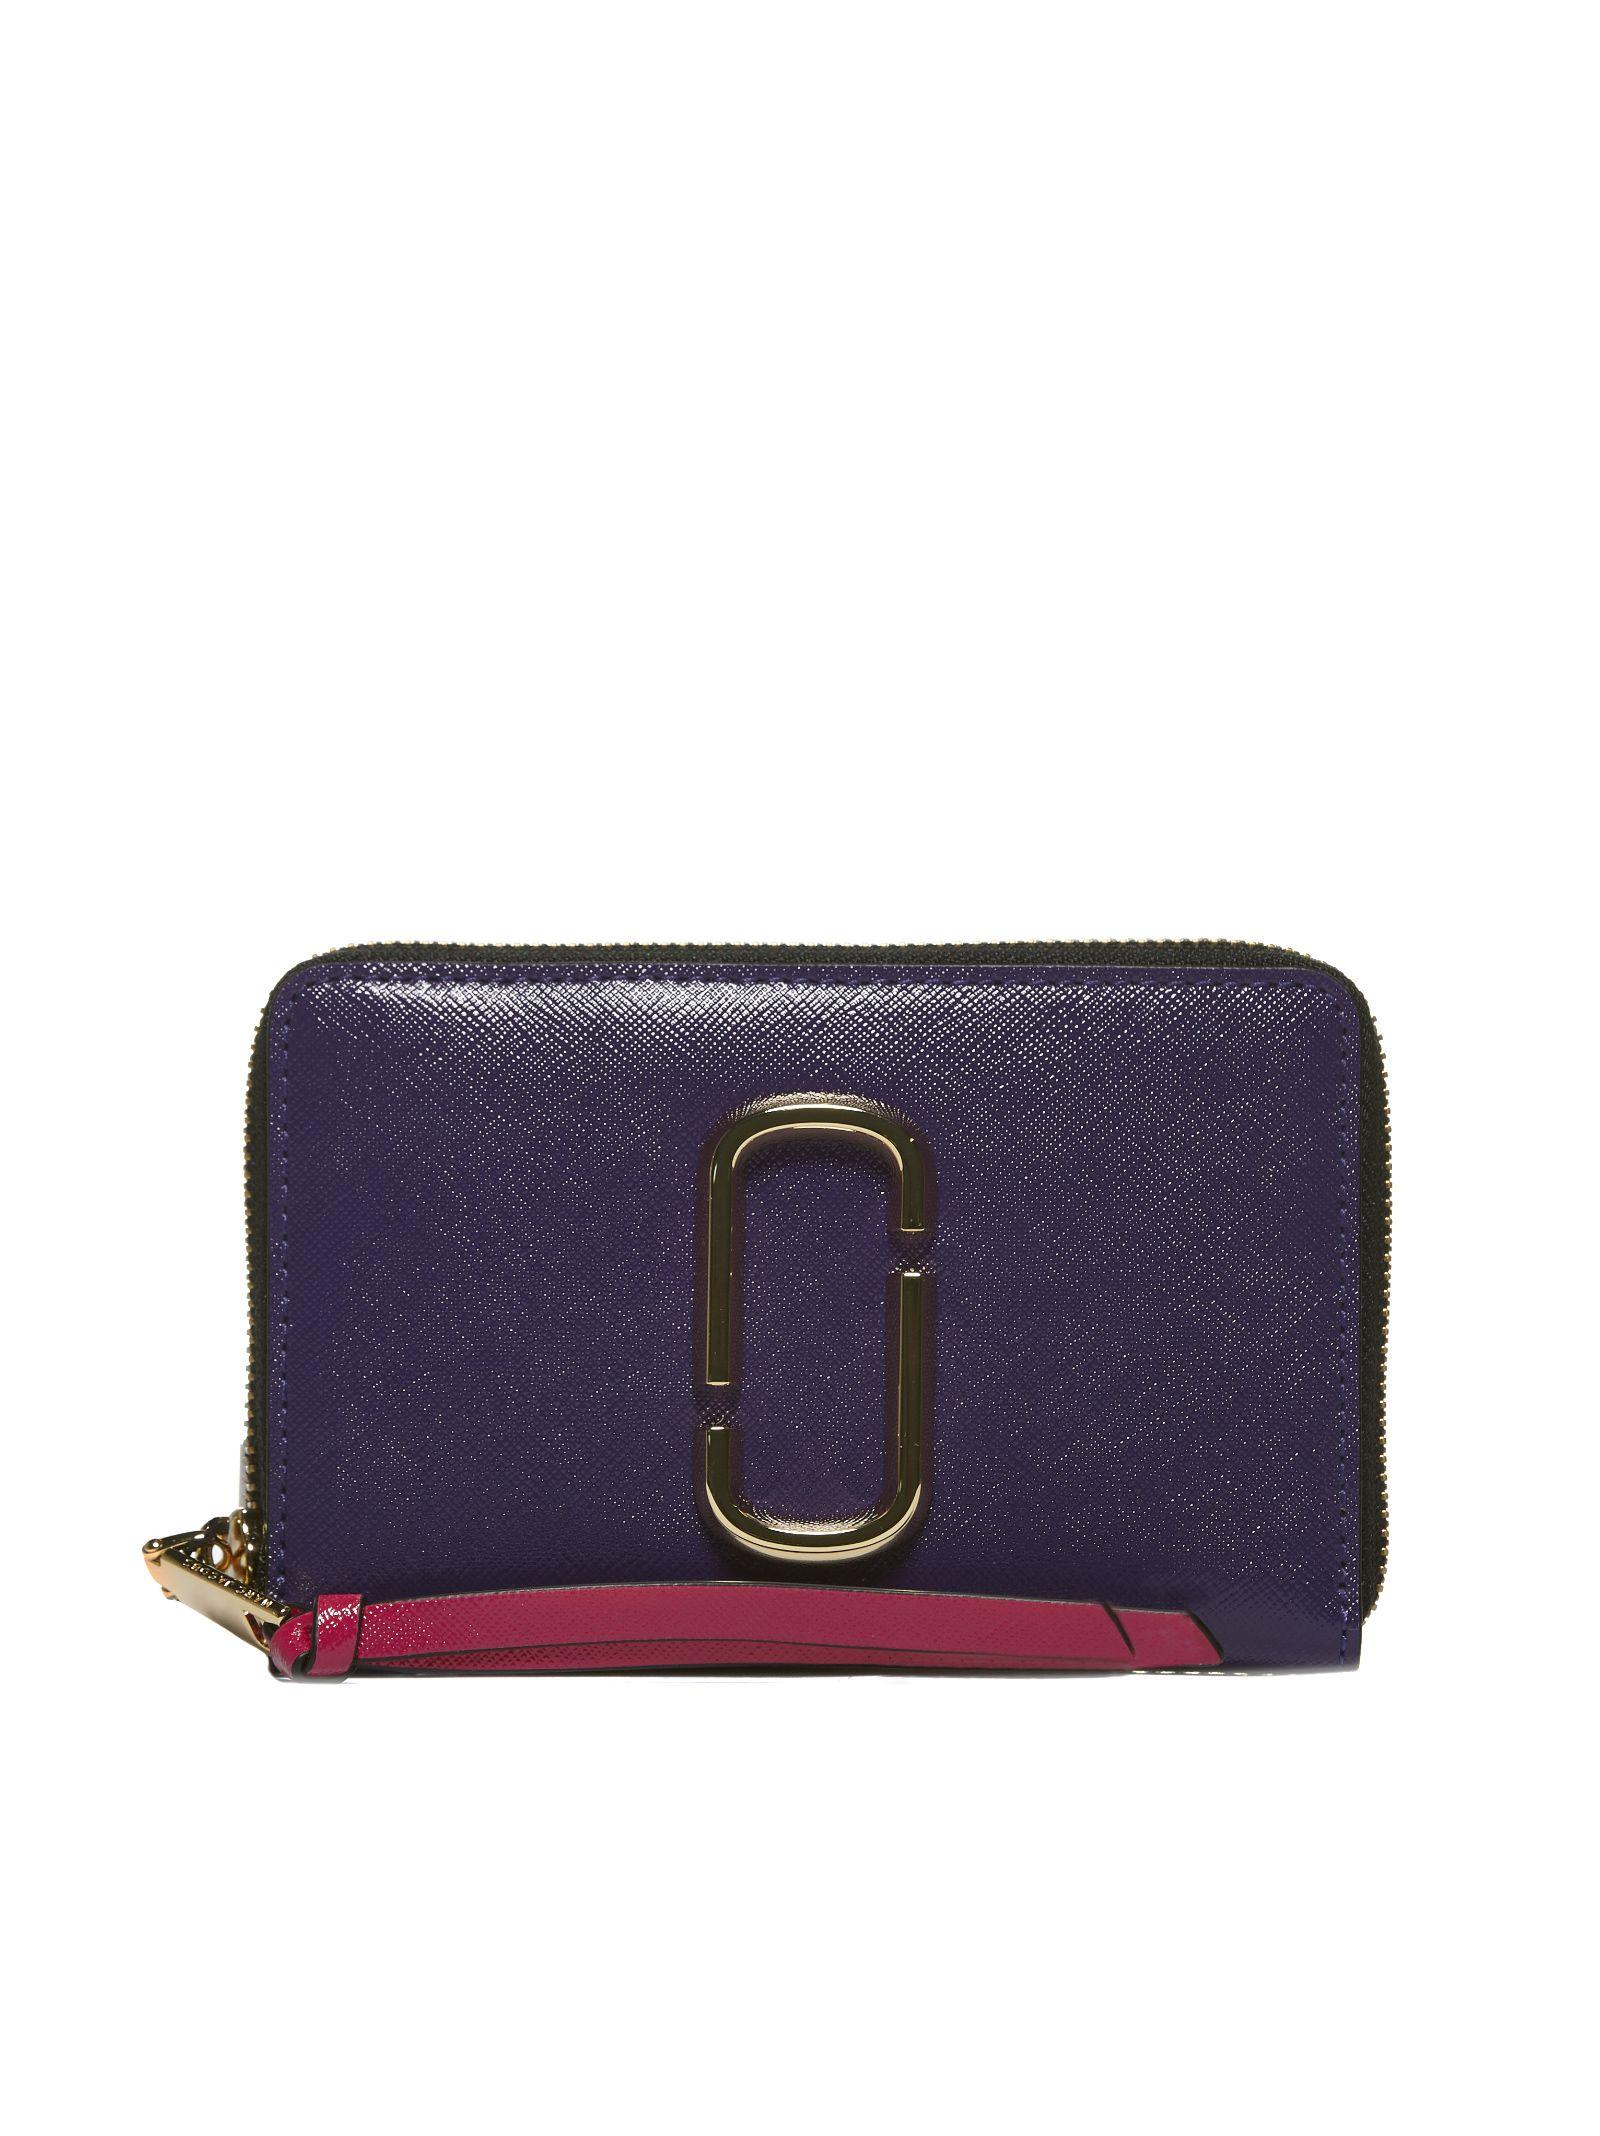 Snapshot Compact Zip Around Wallet in Viola Arancio